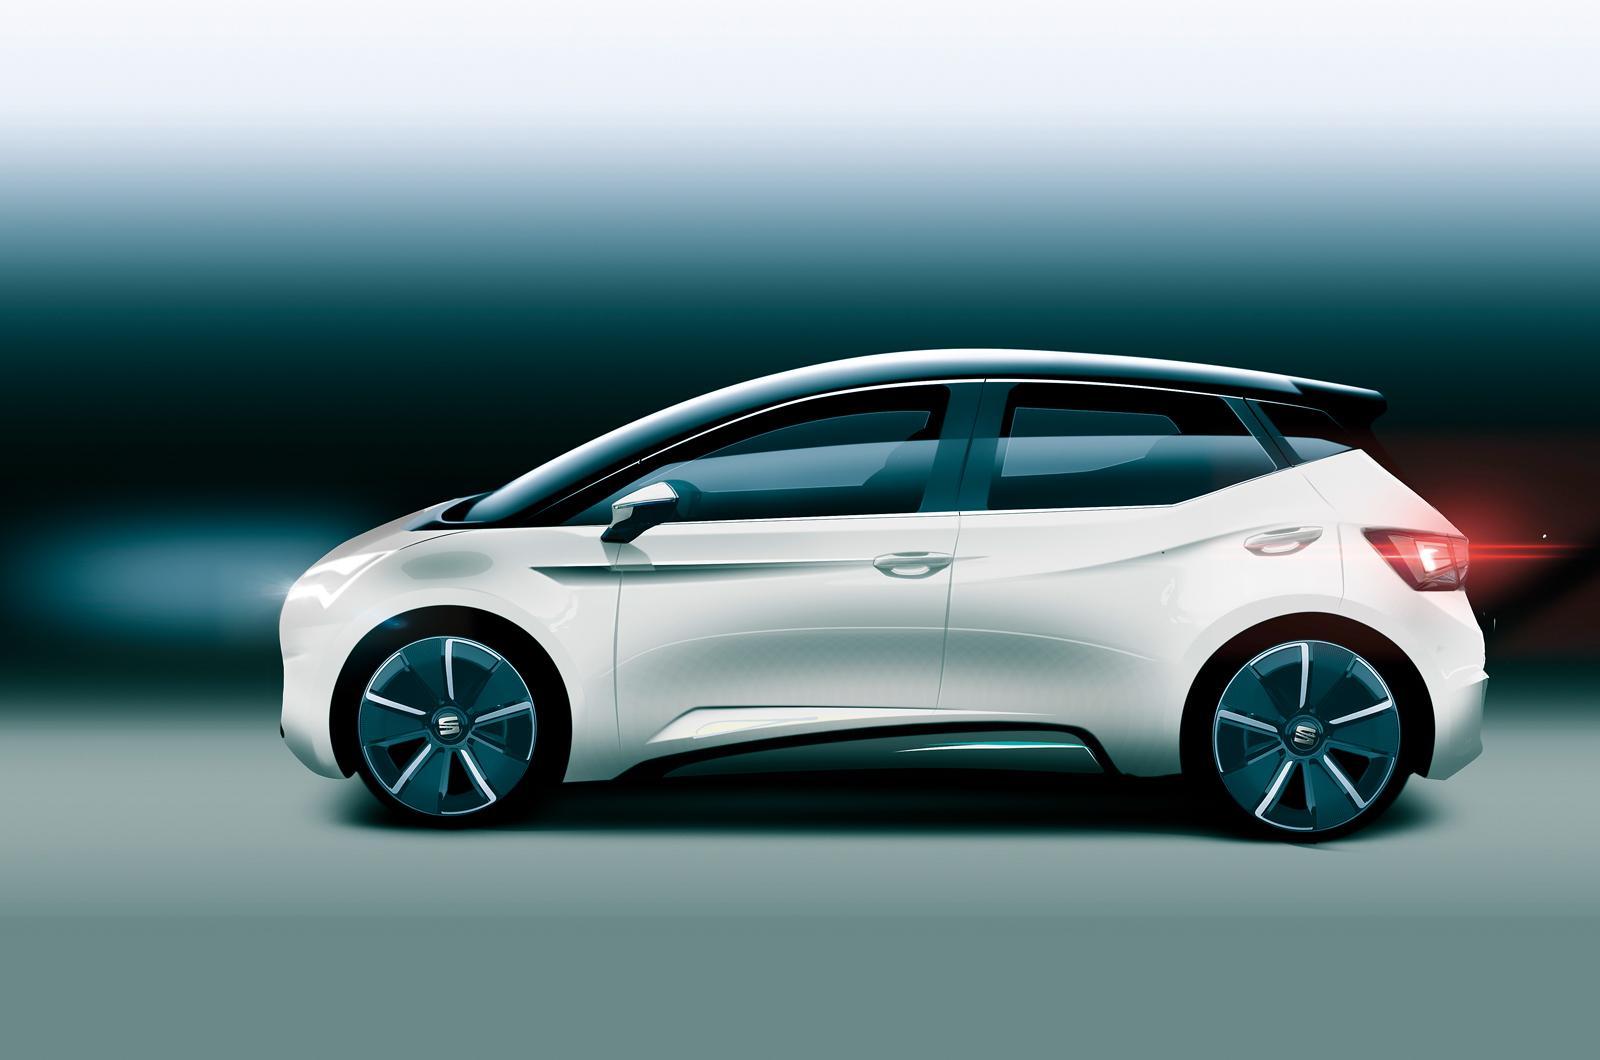 Сеат анонсировал премьеру первого электромобиля тизером фары